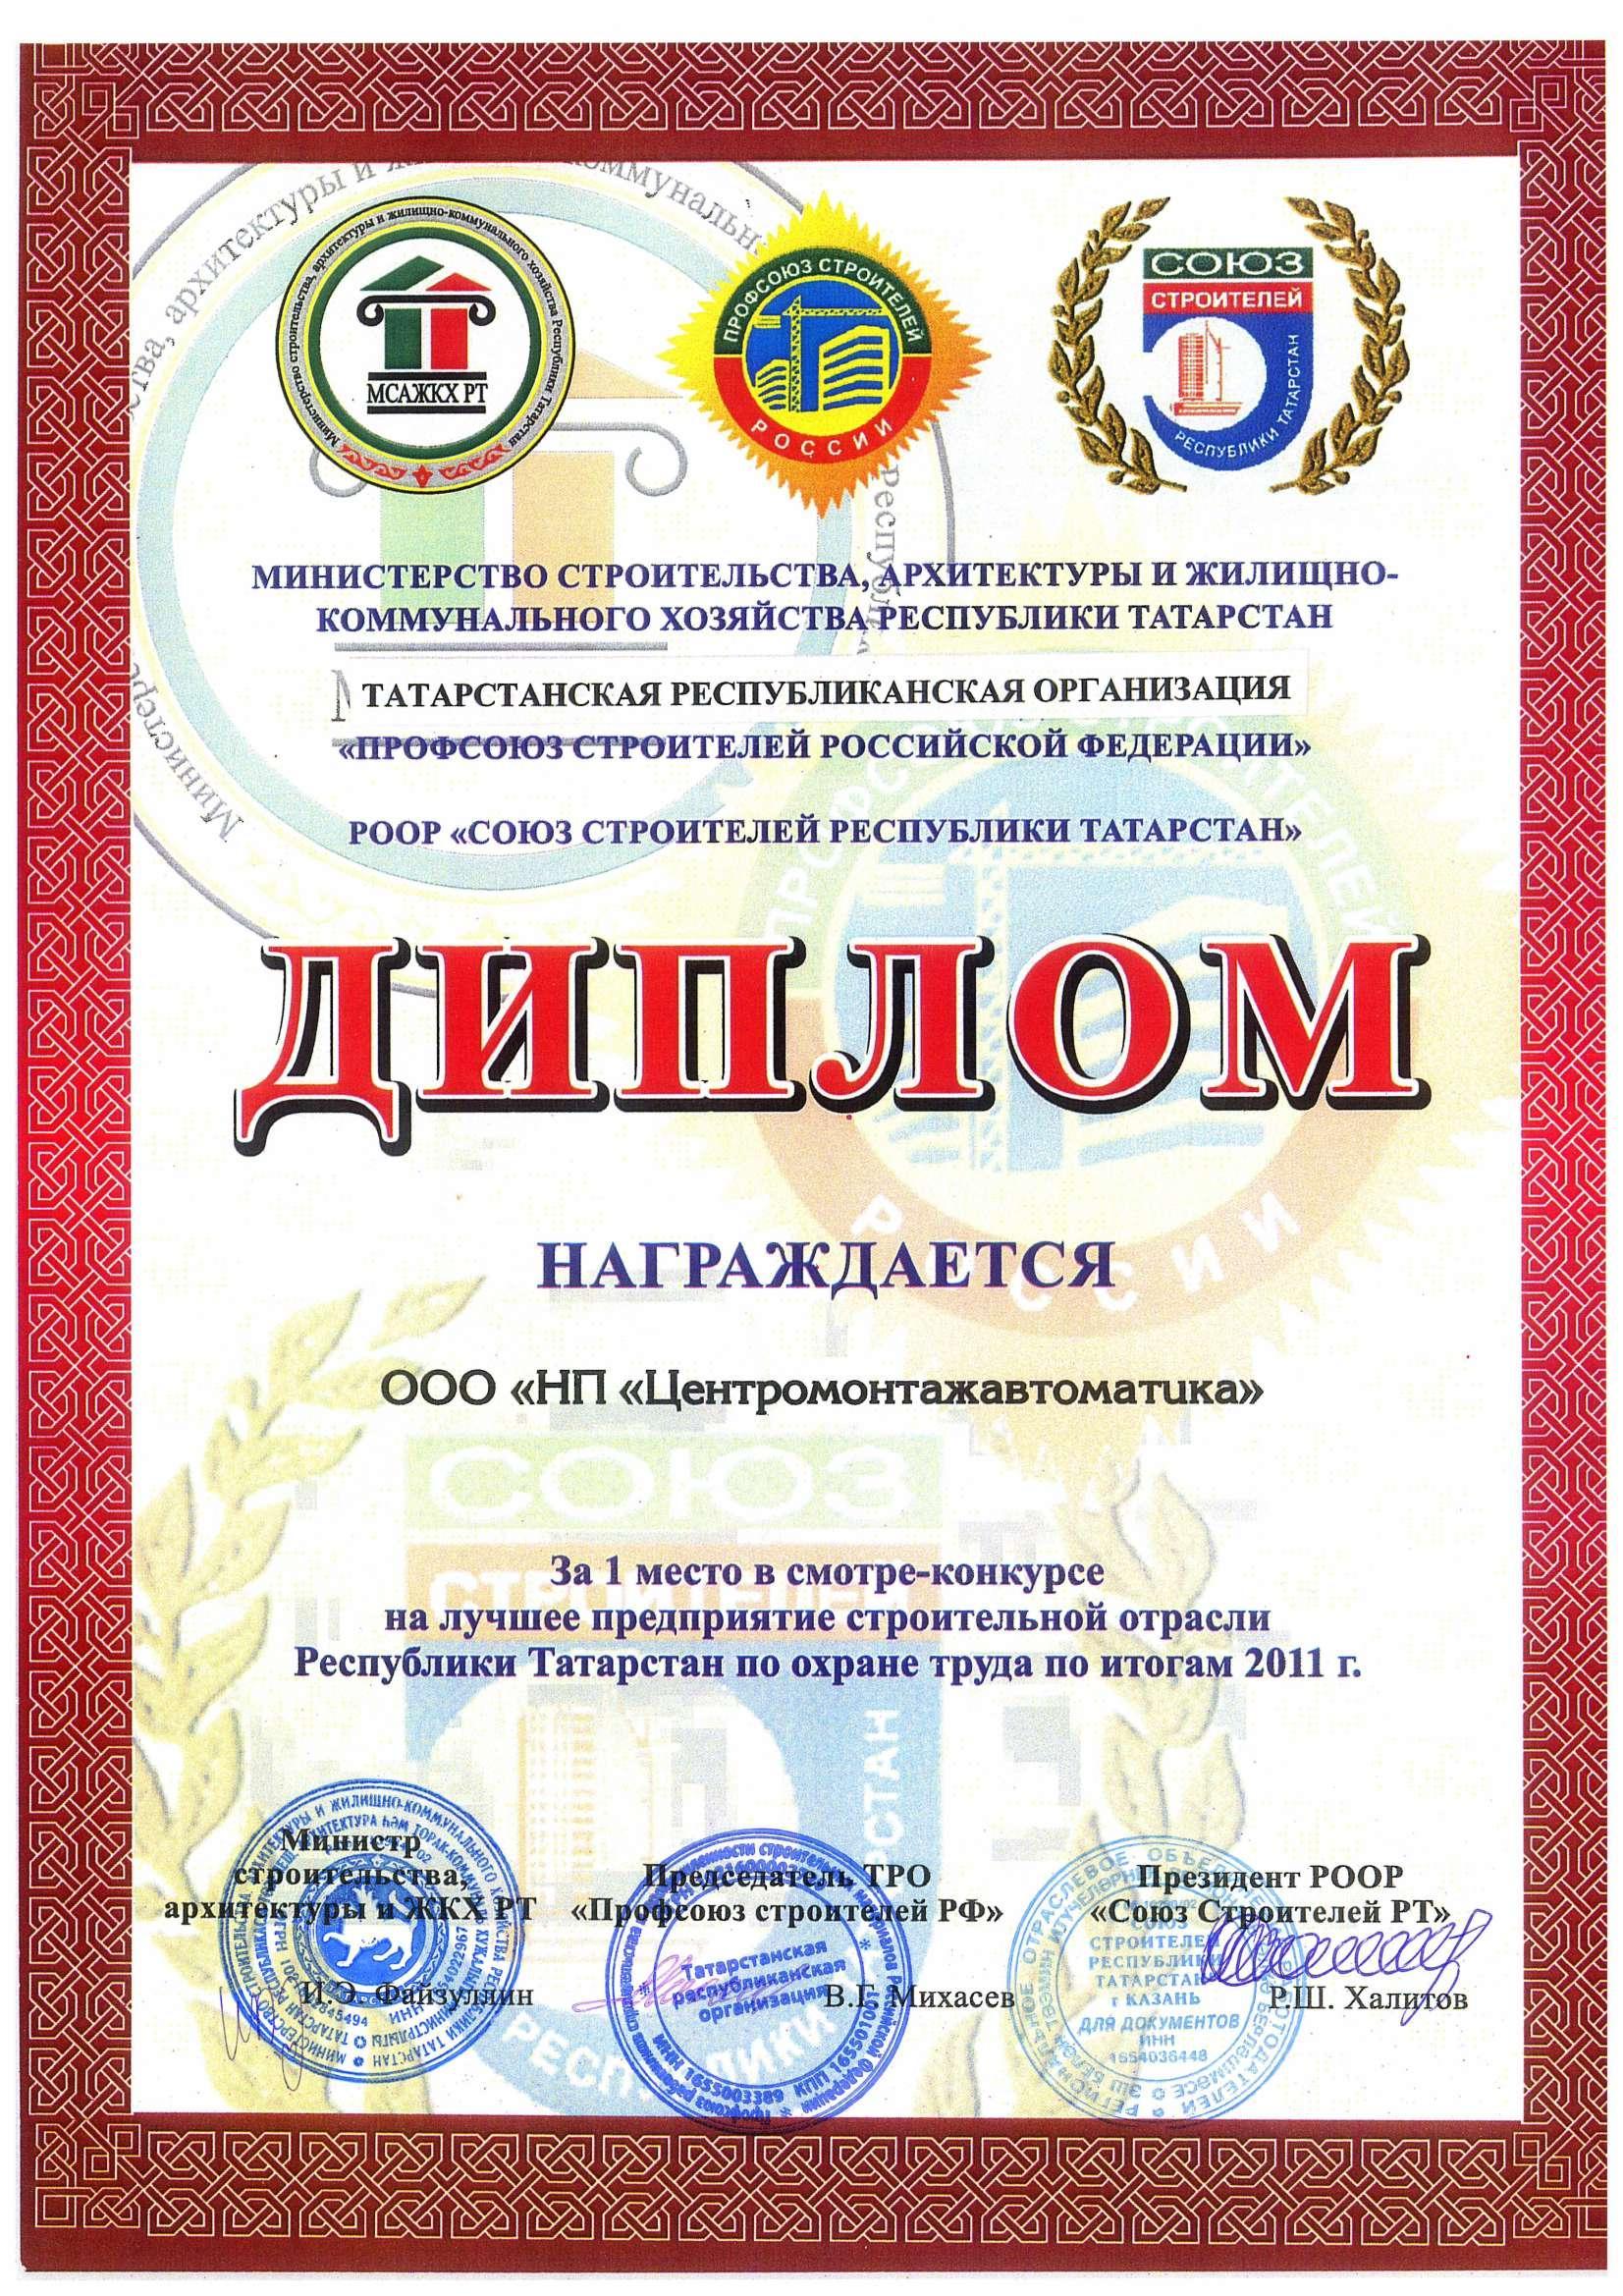 Охрана труда Диплом i место в смотре конкурсе на лучшее предприятие строительной отрасли Республики Татарстан по охране труда 2011 год